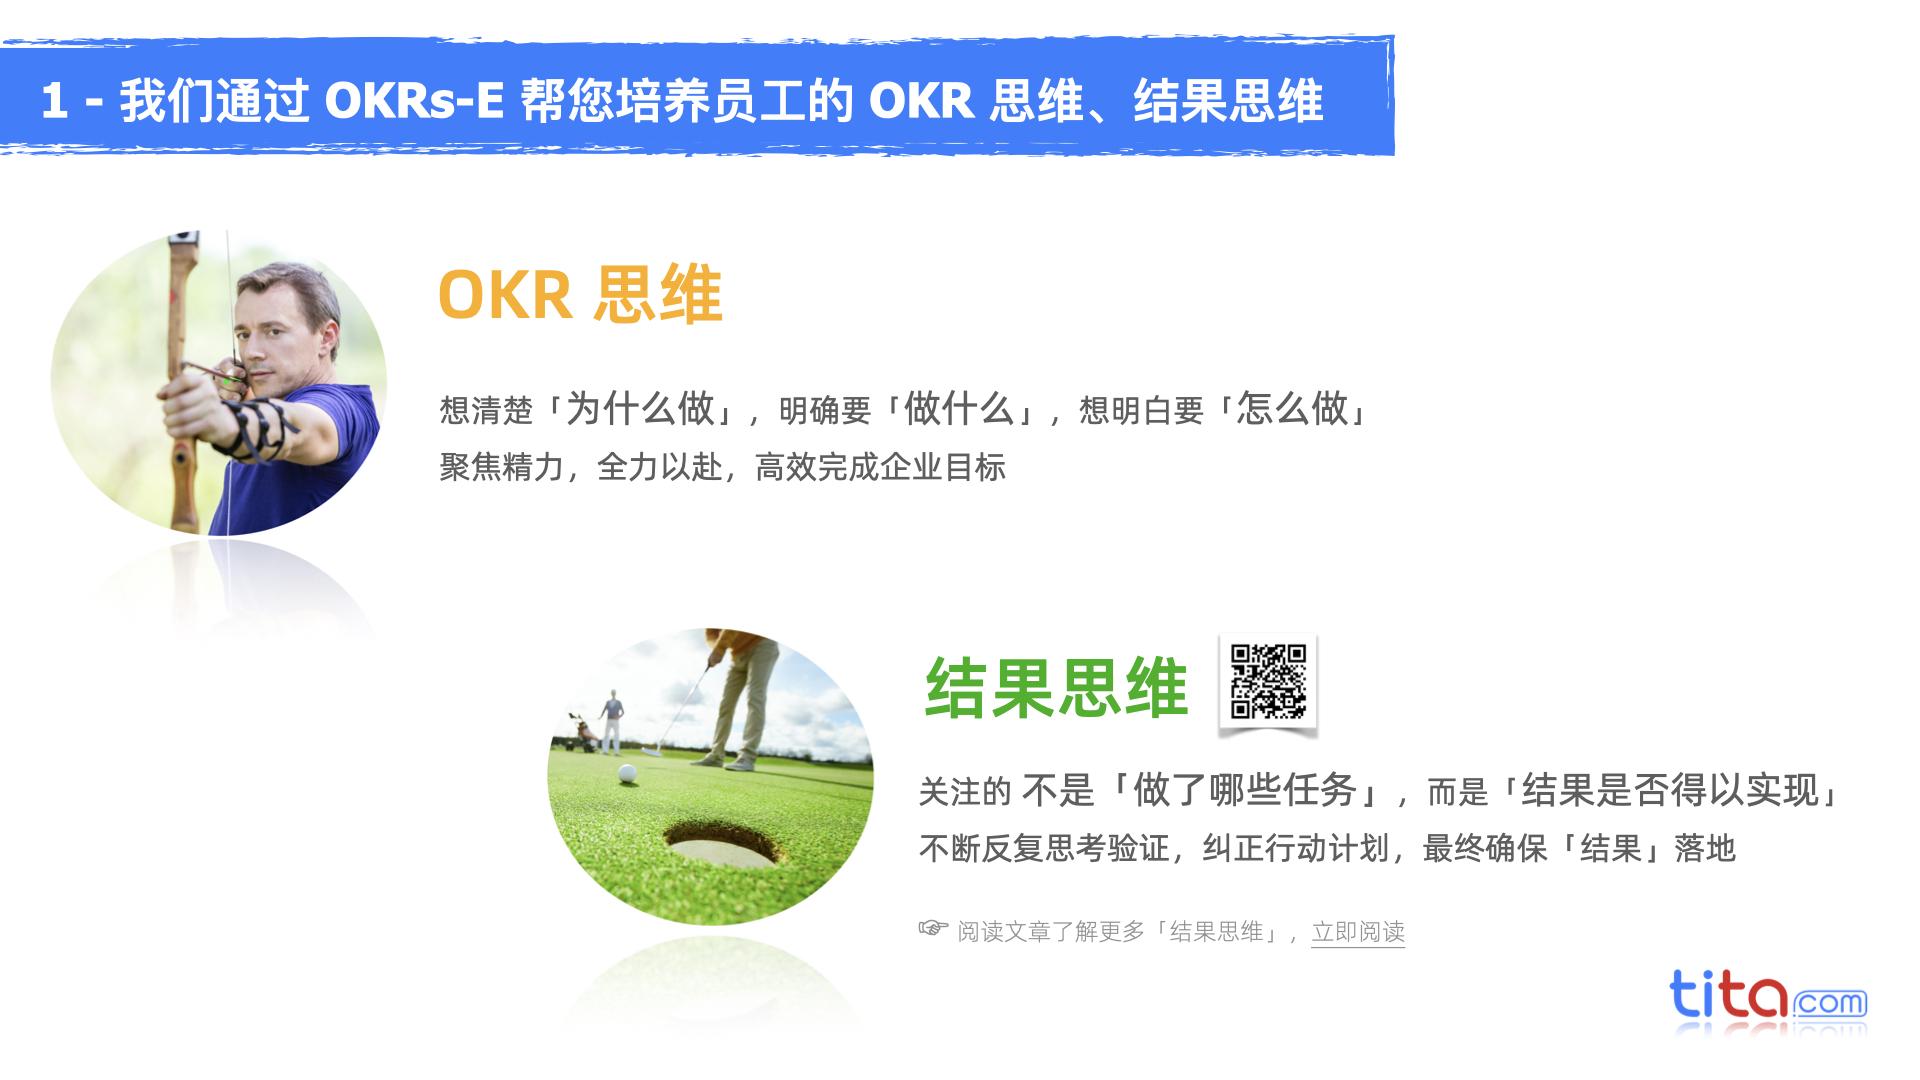 《OKR目标管理平台》产品介绍 @2021